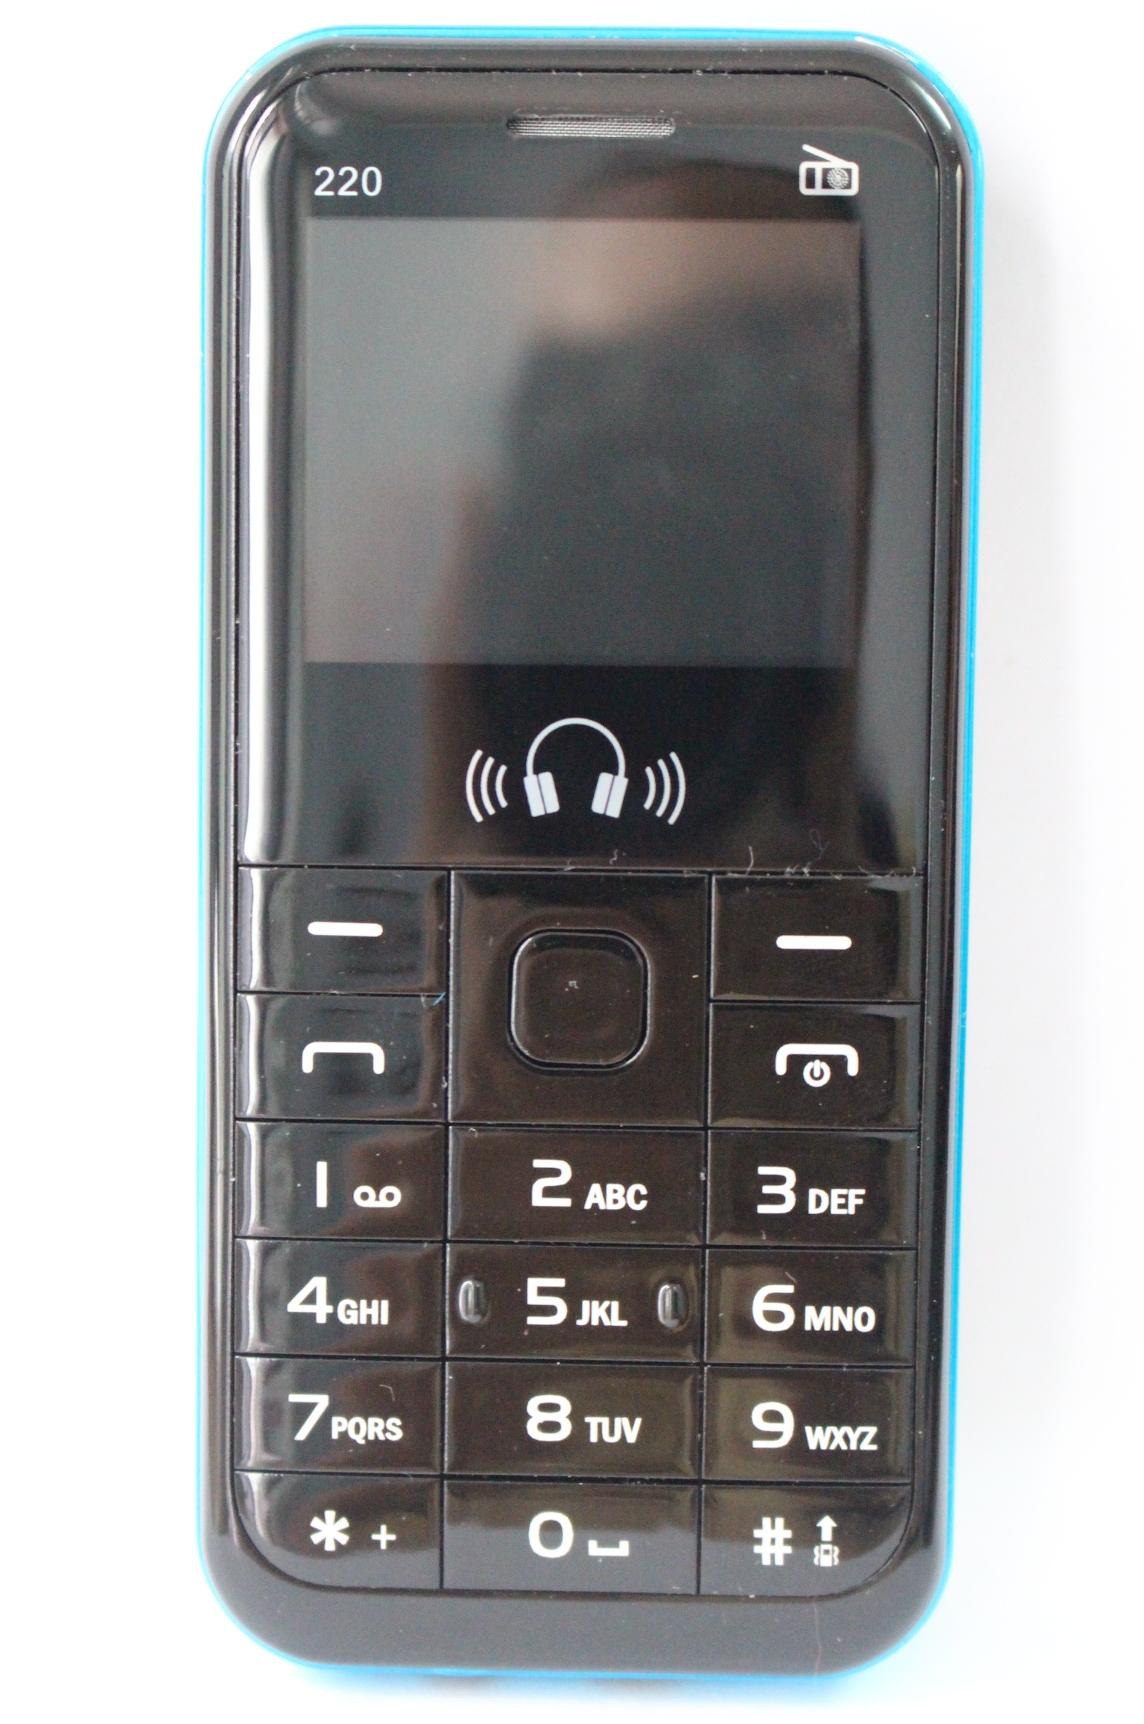 Điện thoại dành cho người già 220